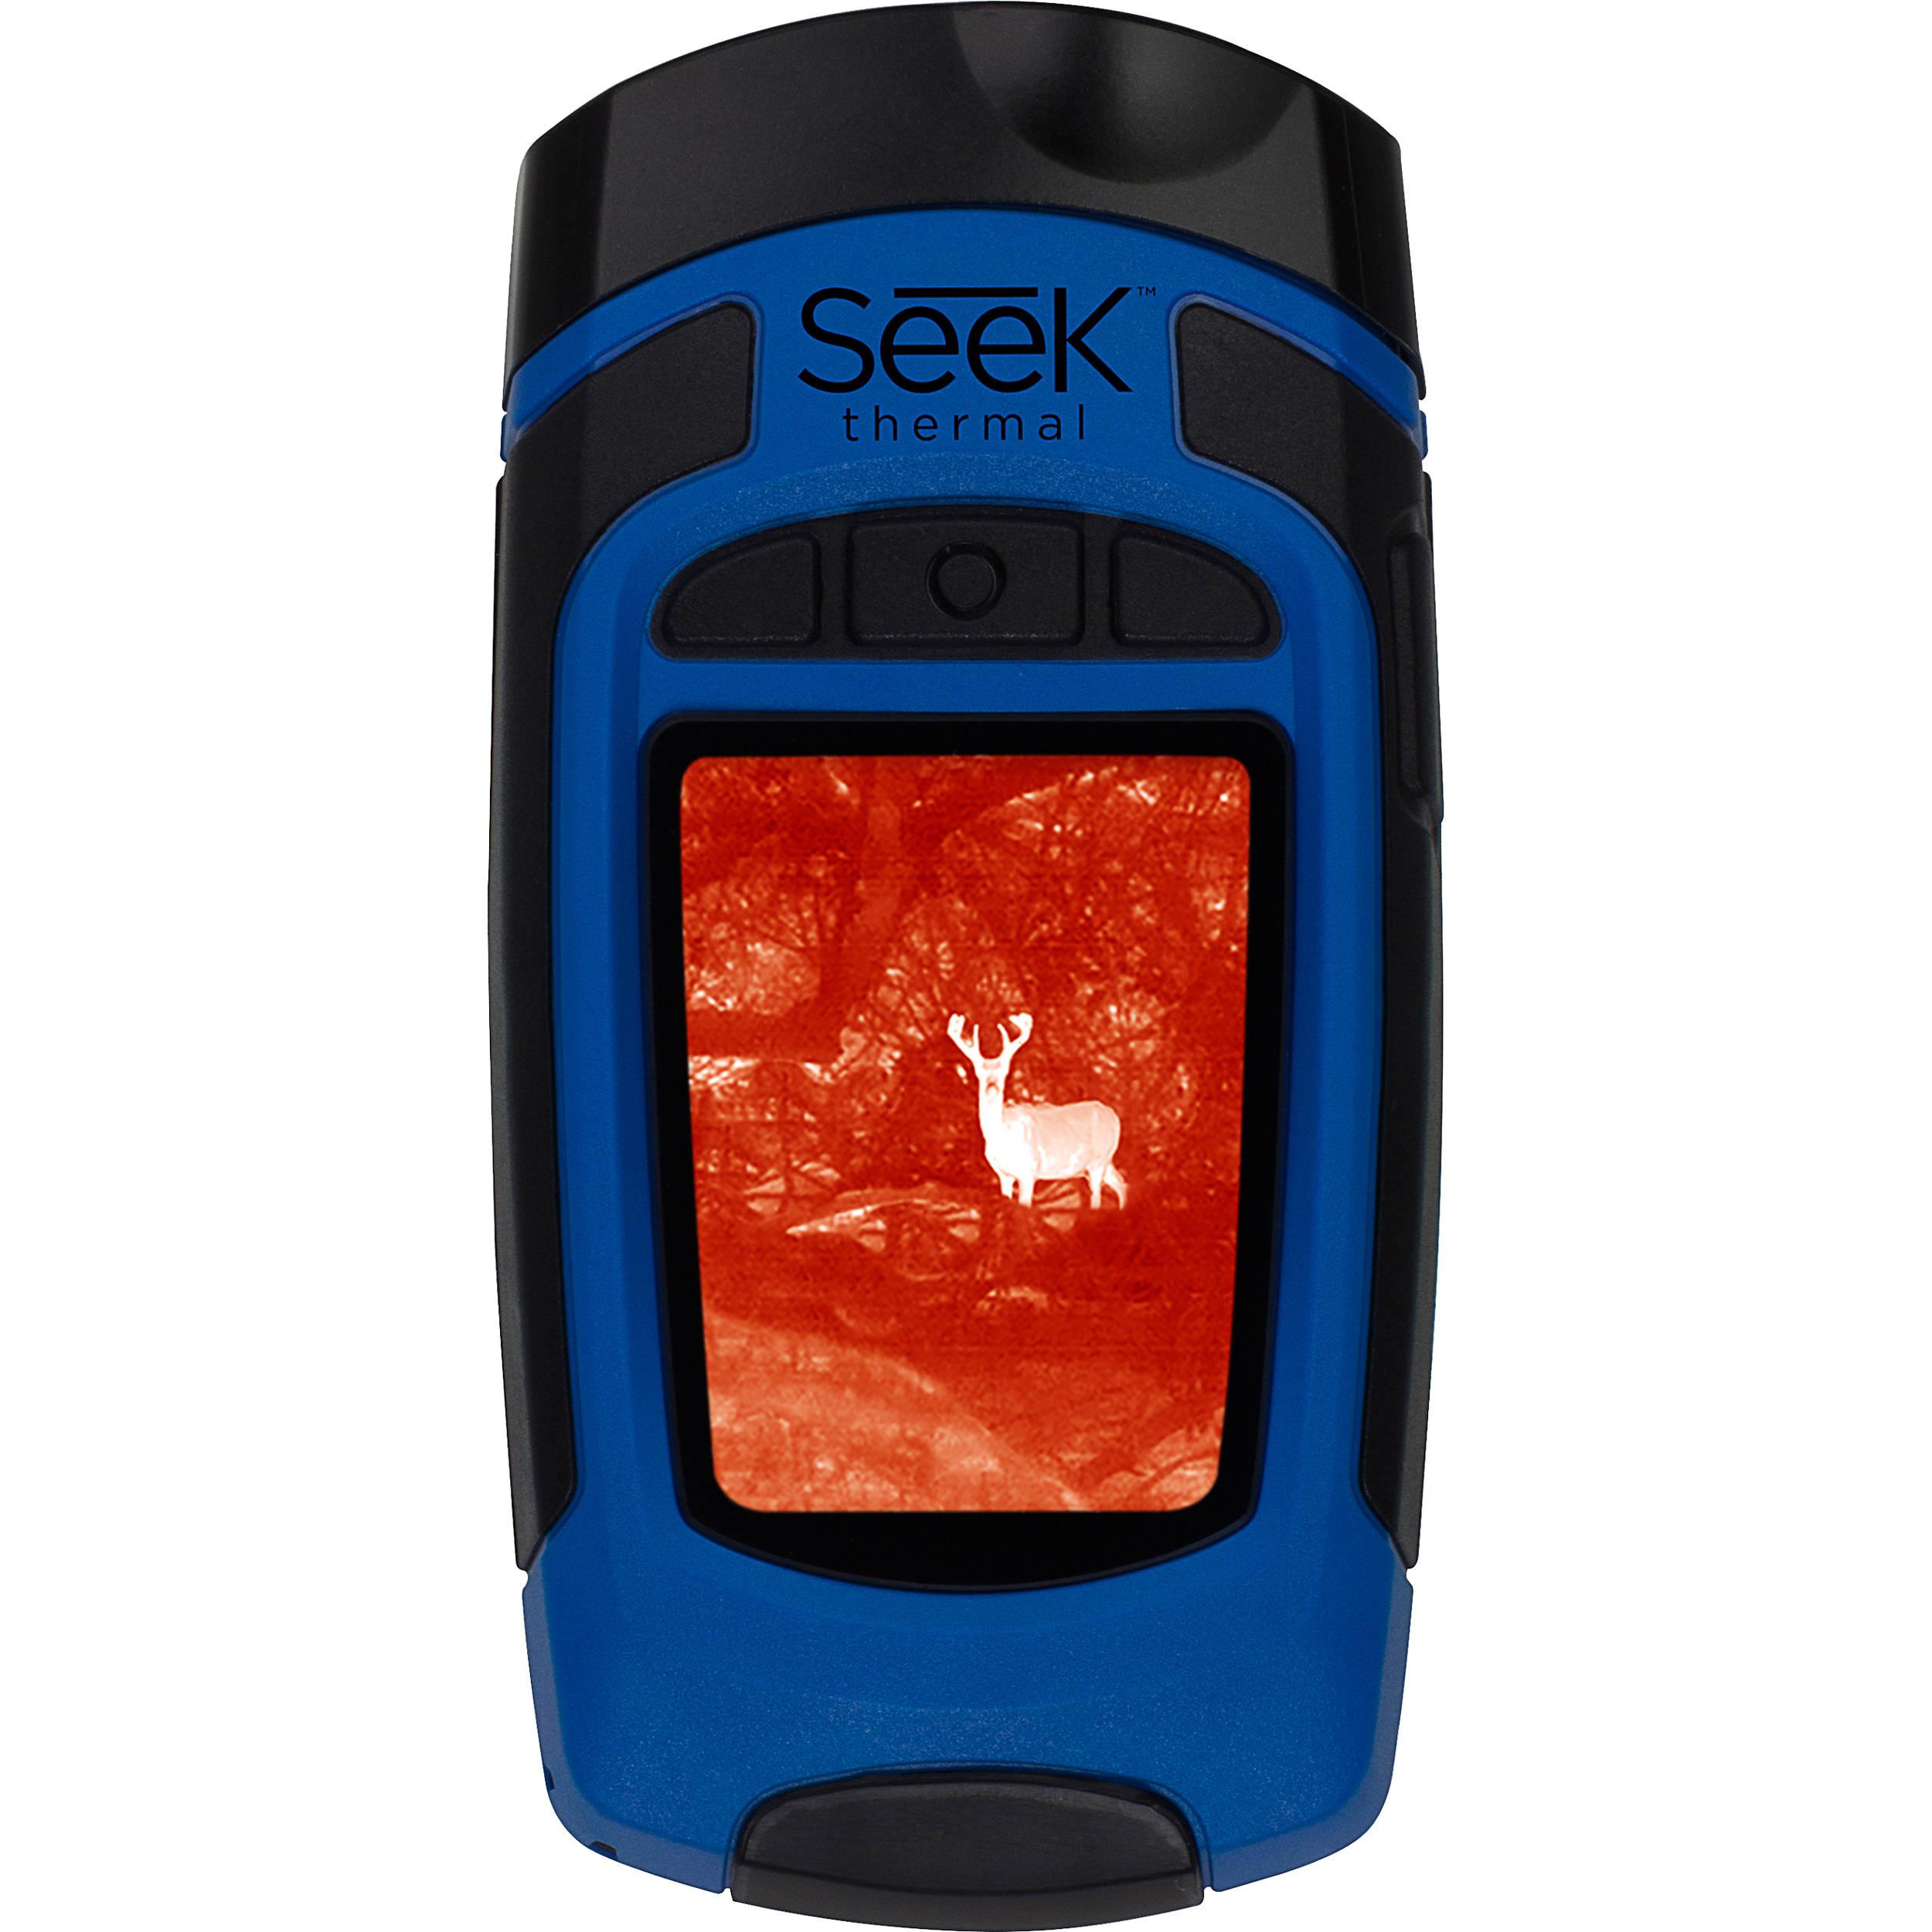 seek_thermal_rw_aaa_seek_reveal_1250401